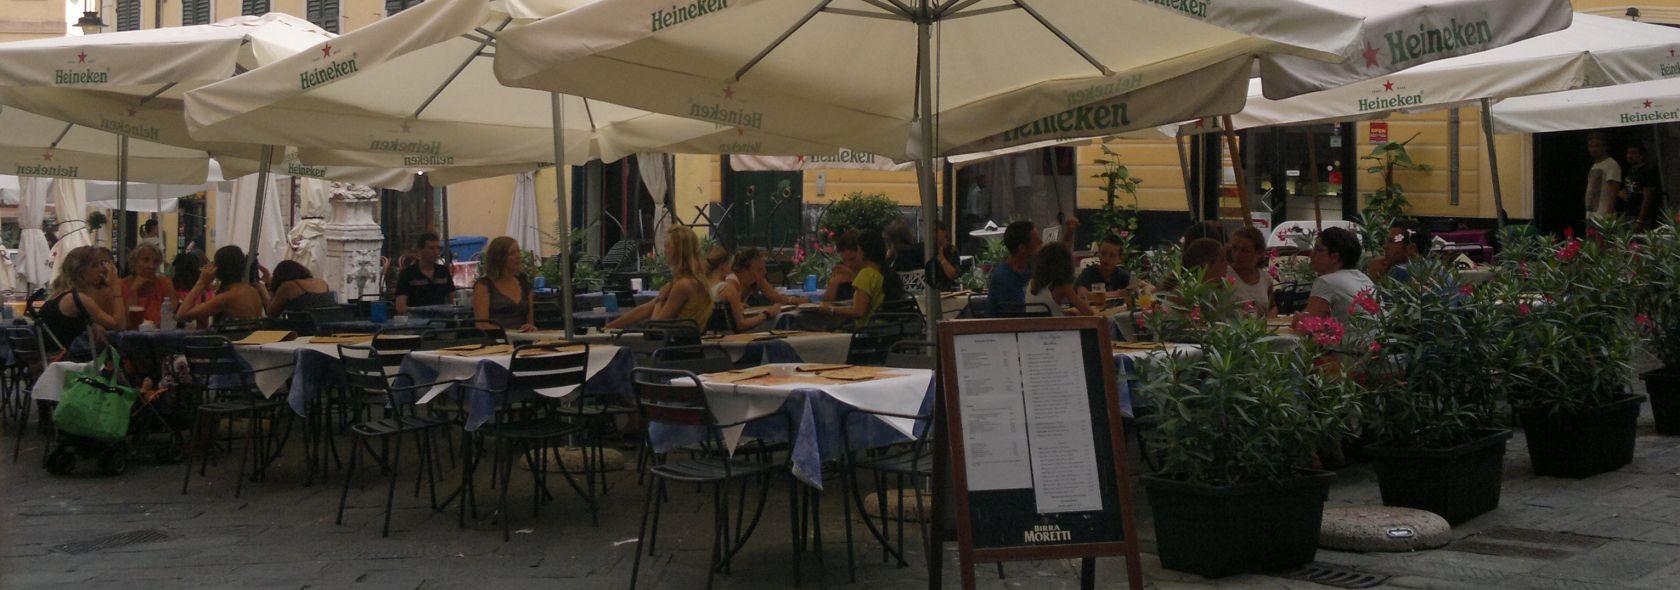 La città degli aperitivi - Piazza delle Erbe